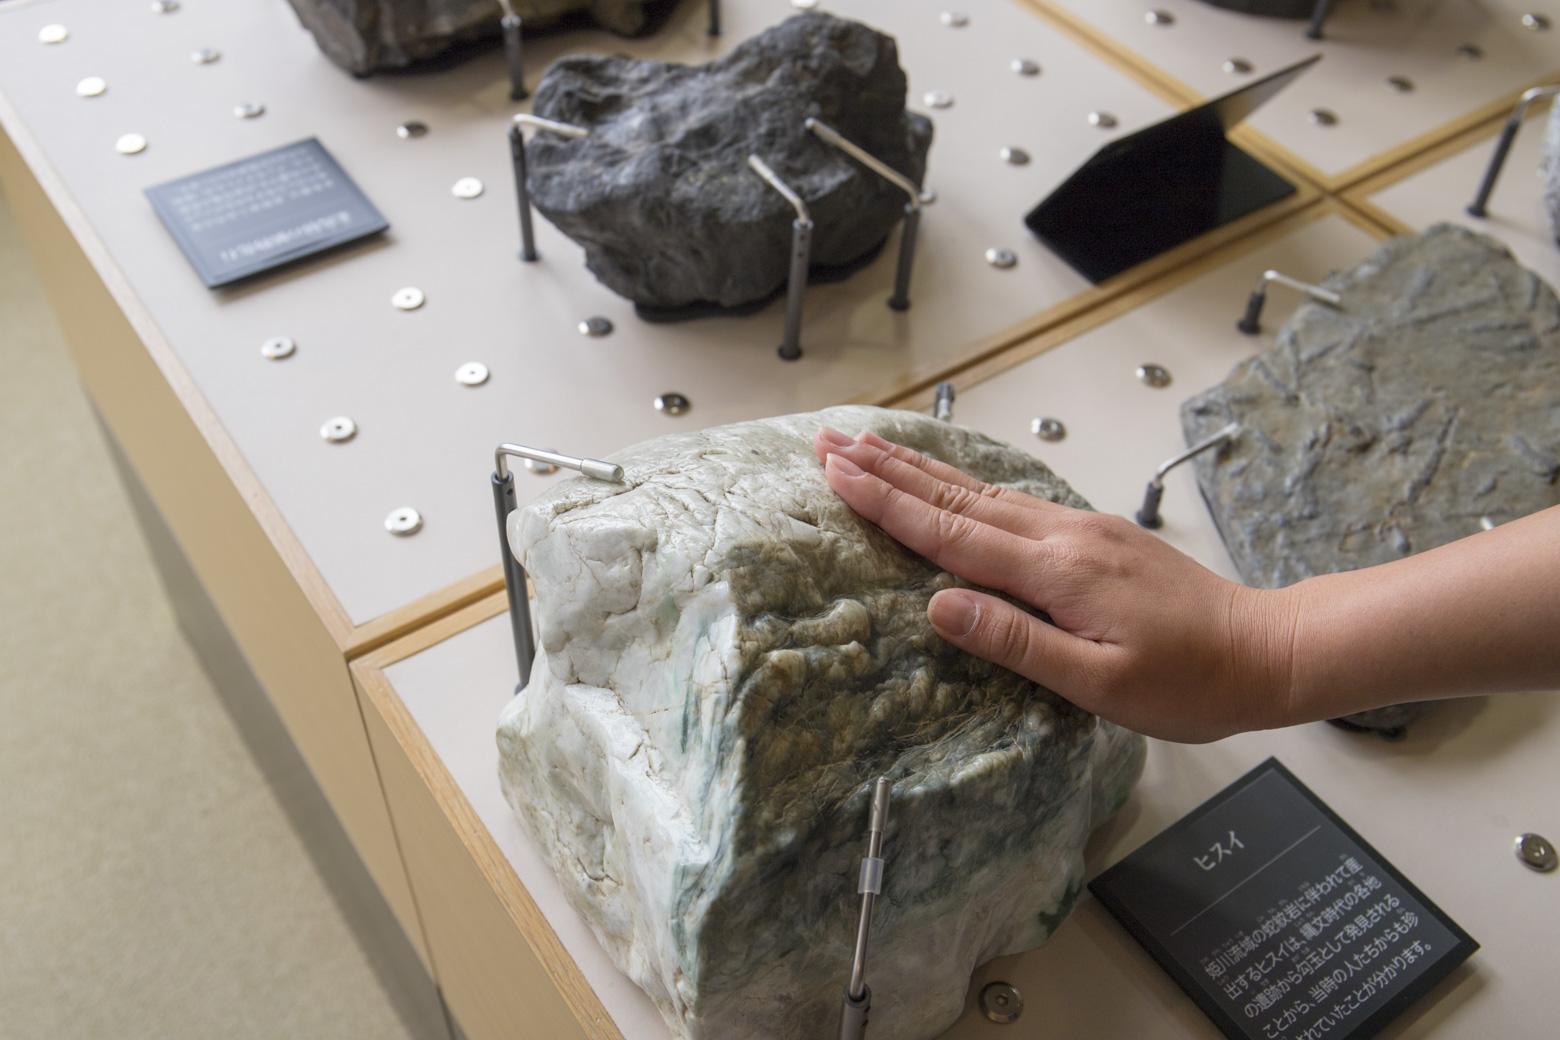 化石などは触ることができます